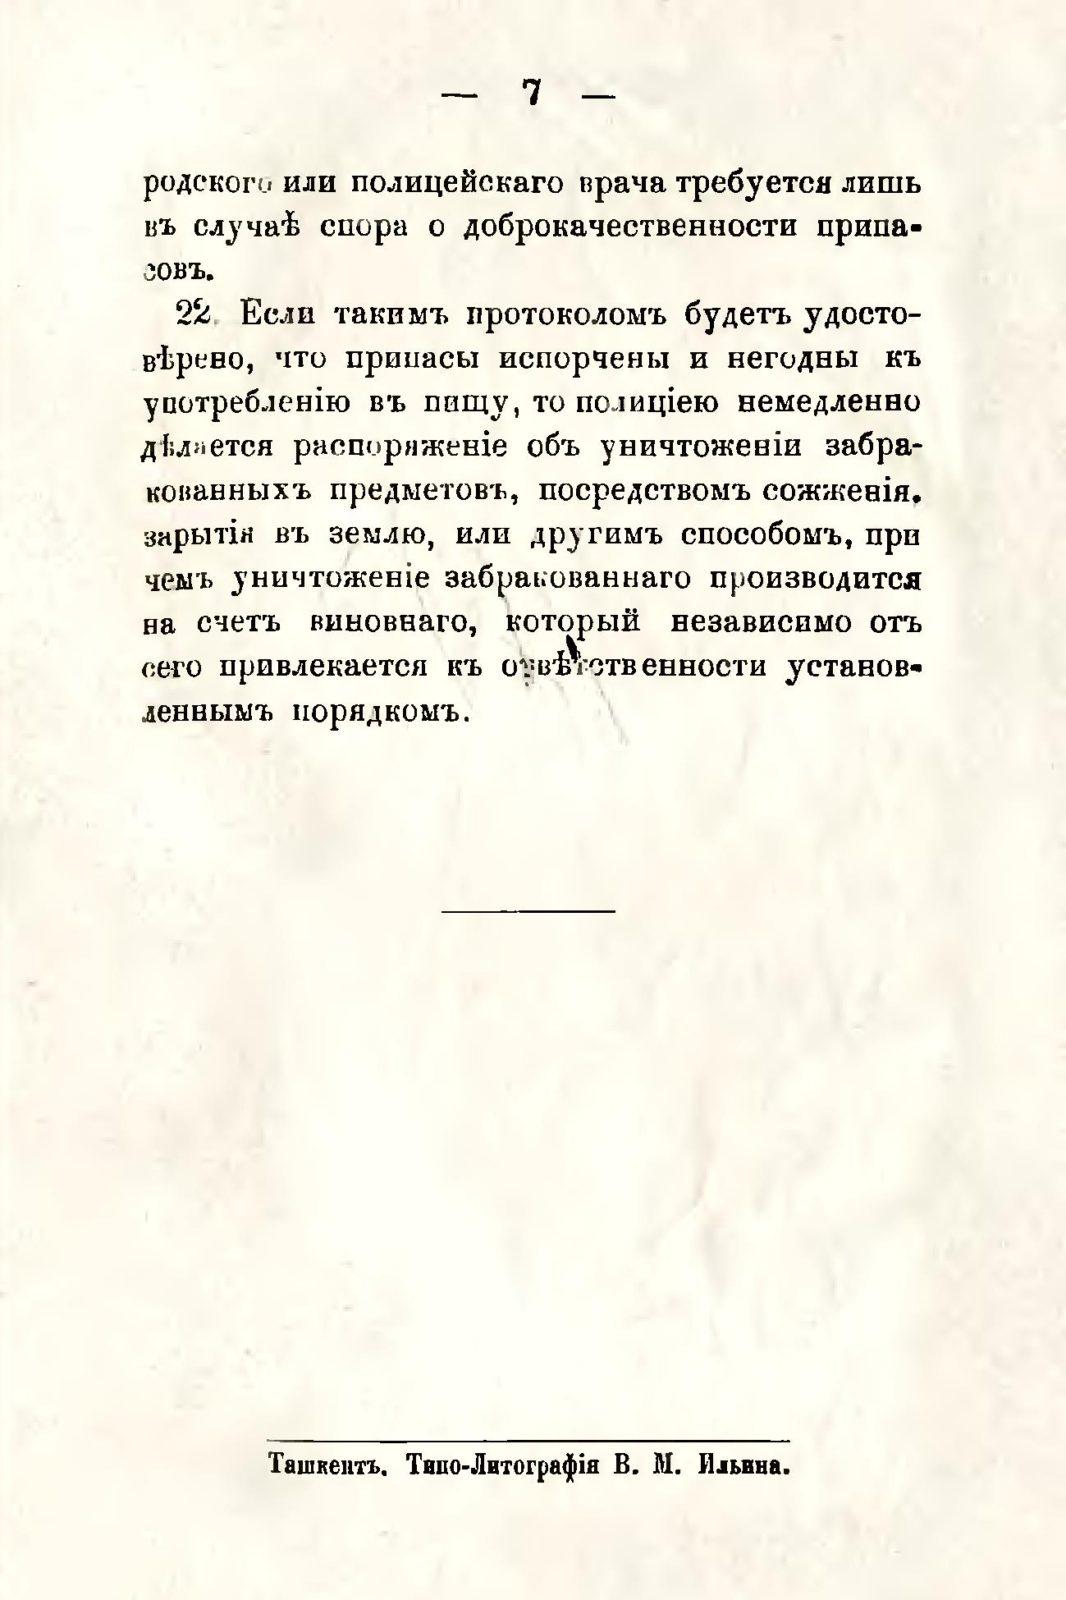 sbornik_obyazatelnyh_postanovlenii_tashkentskoi_gorodskoi_du_91